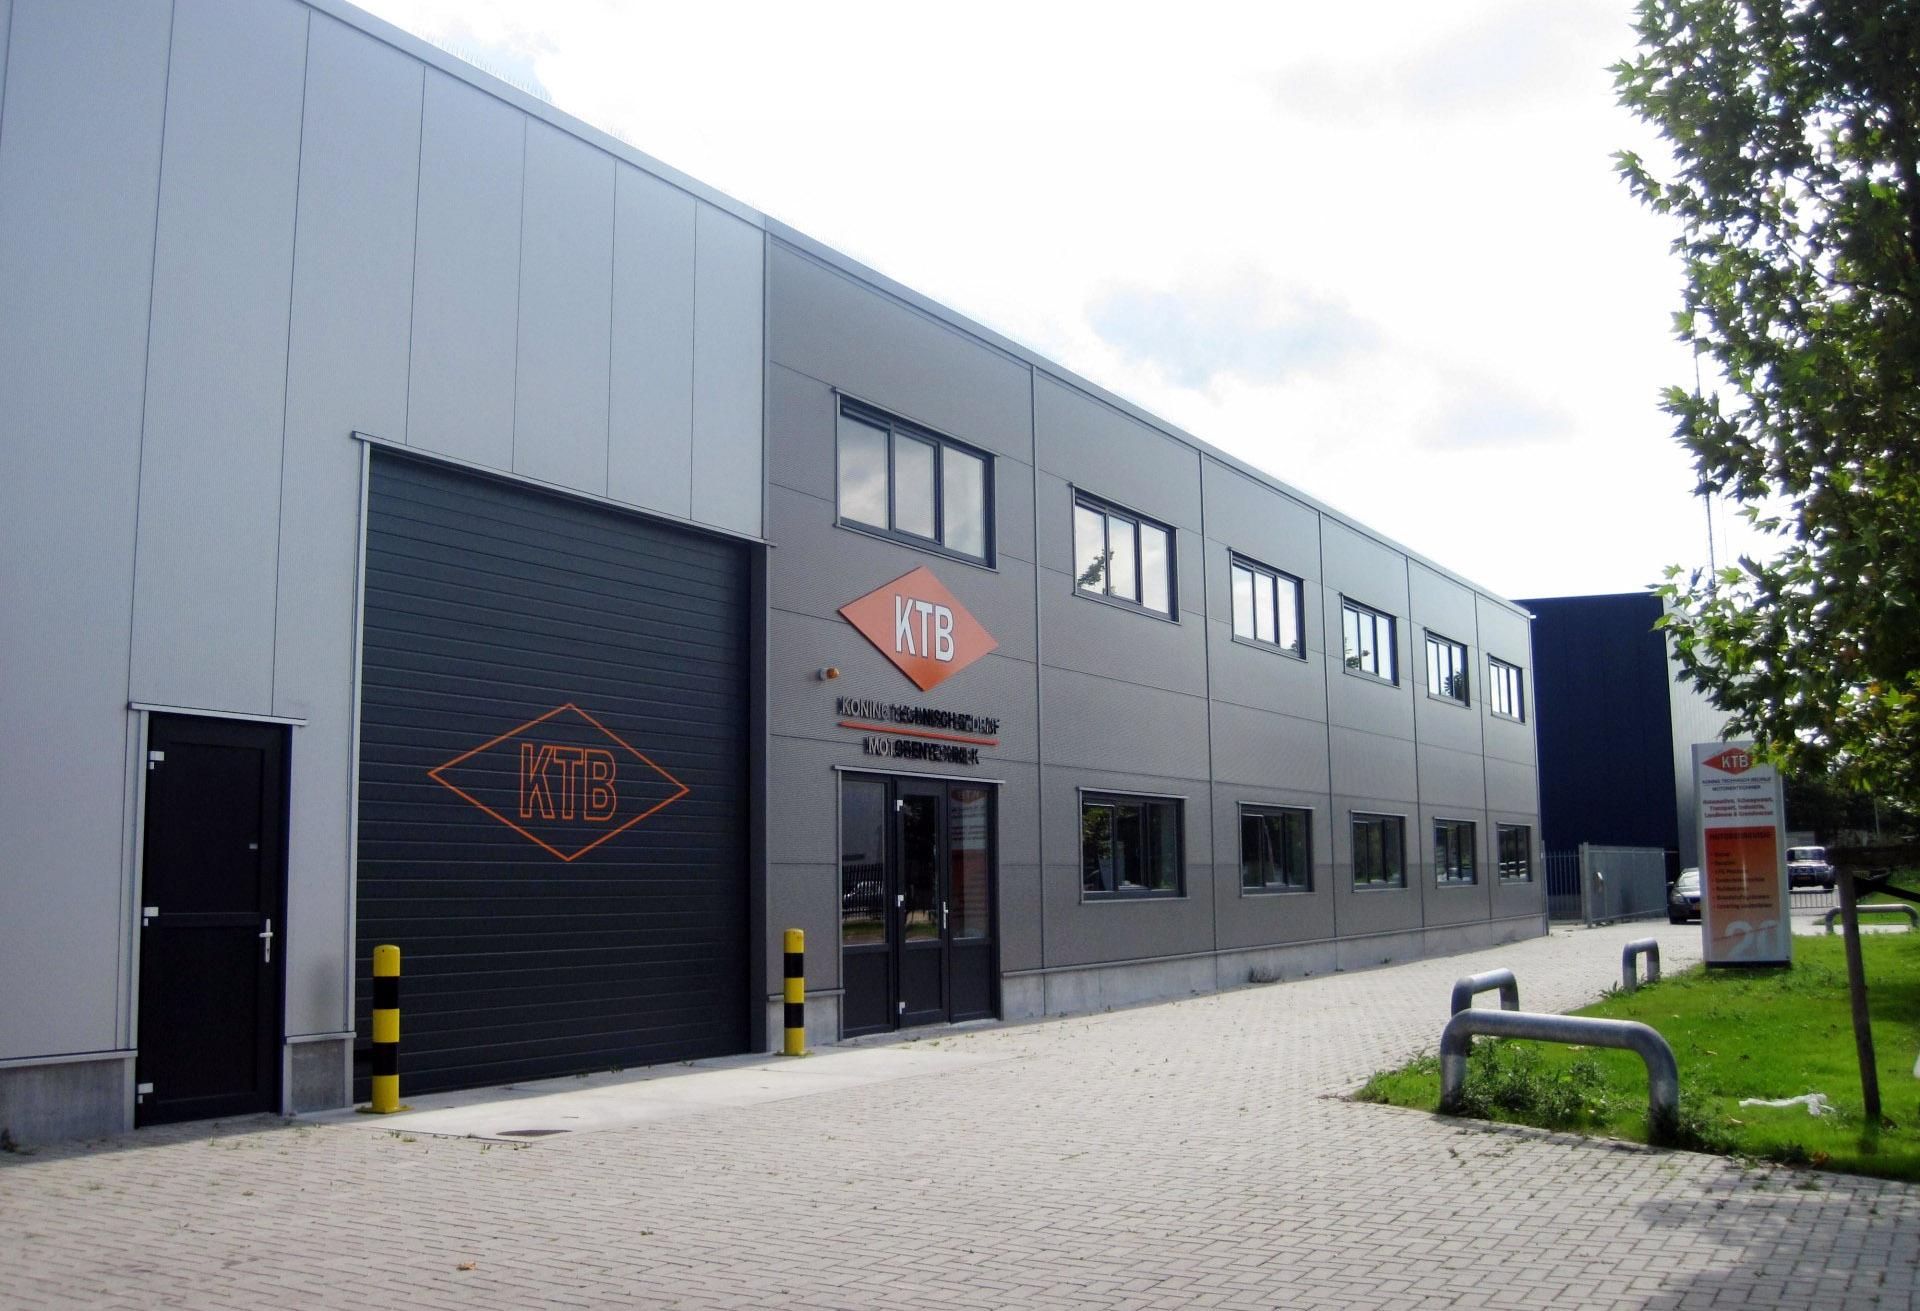 KTB Koning onafhankelijk revisiebedrijf in Meppel - pand 002